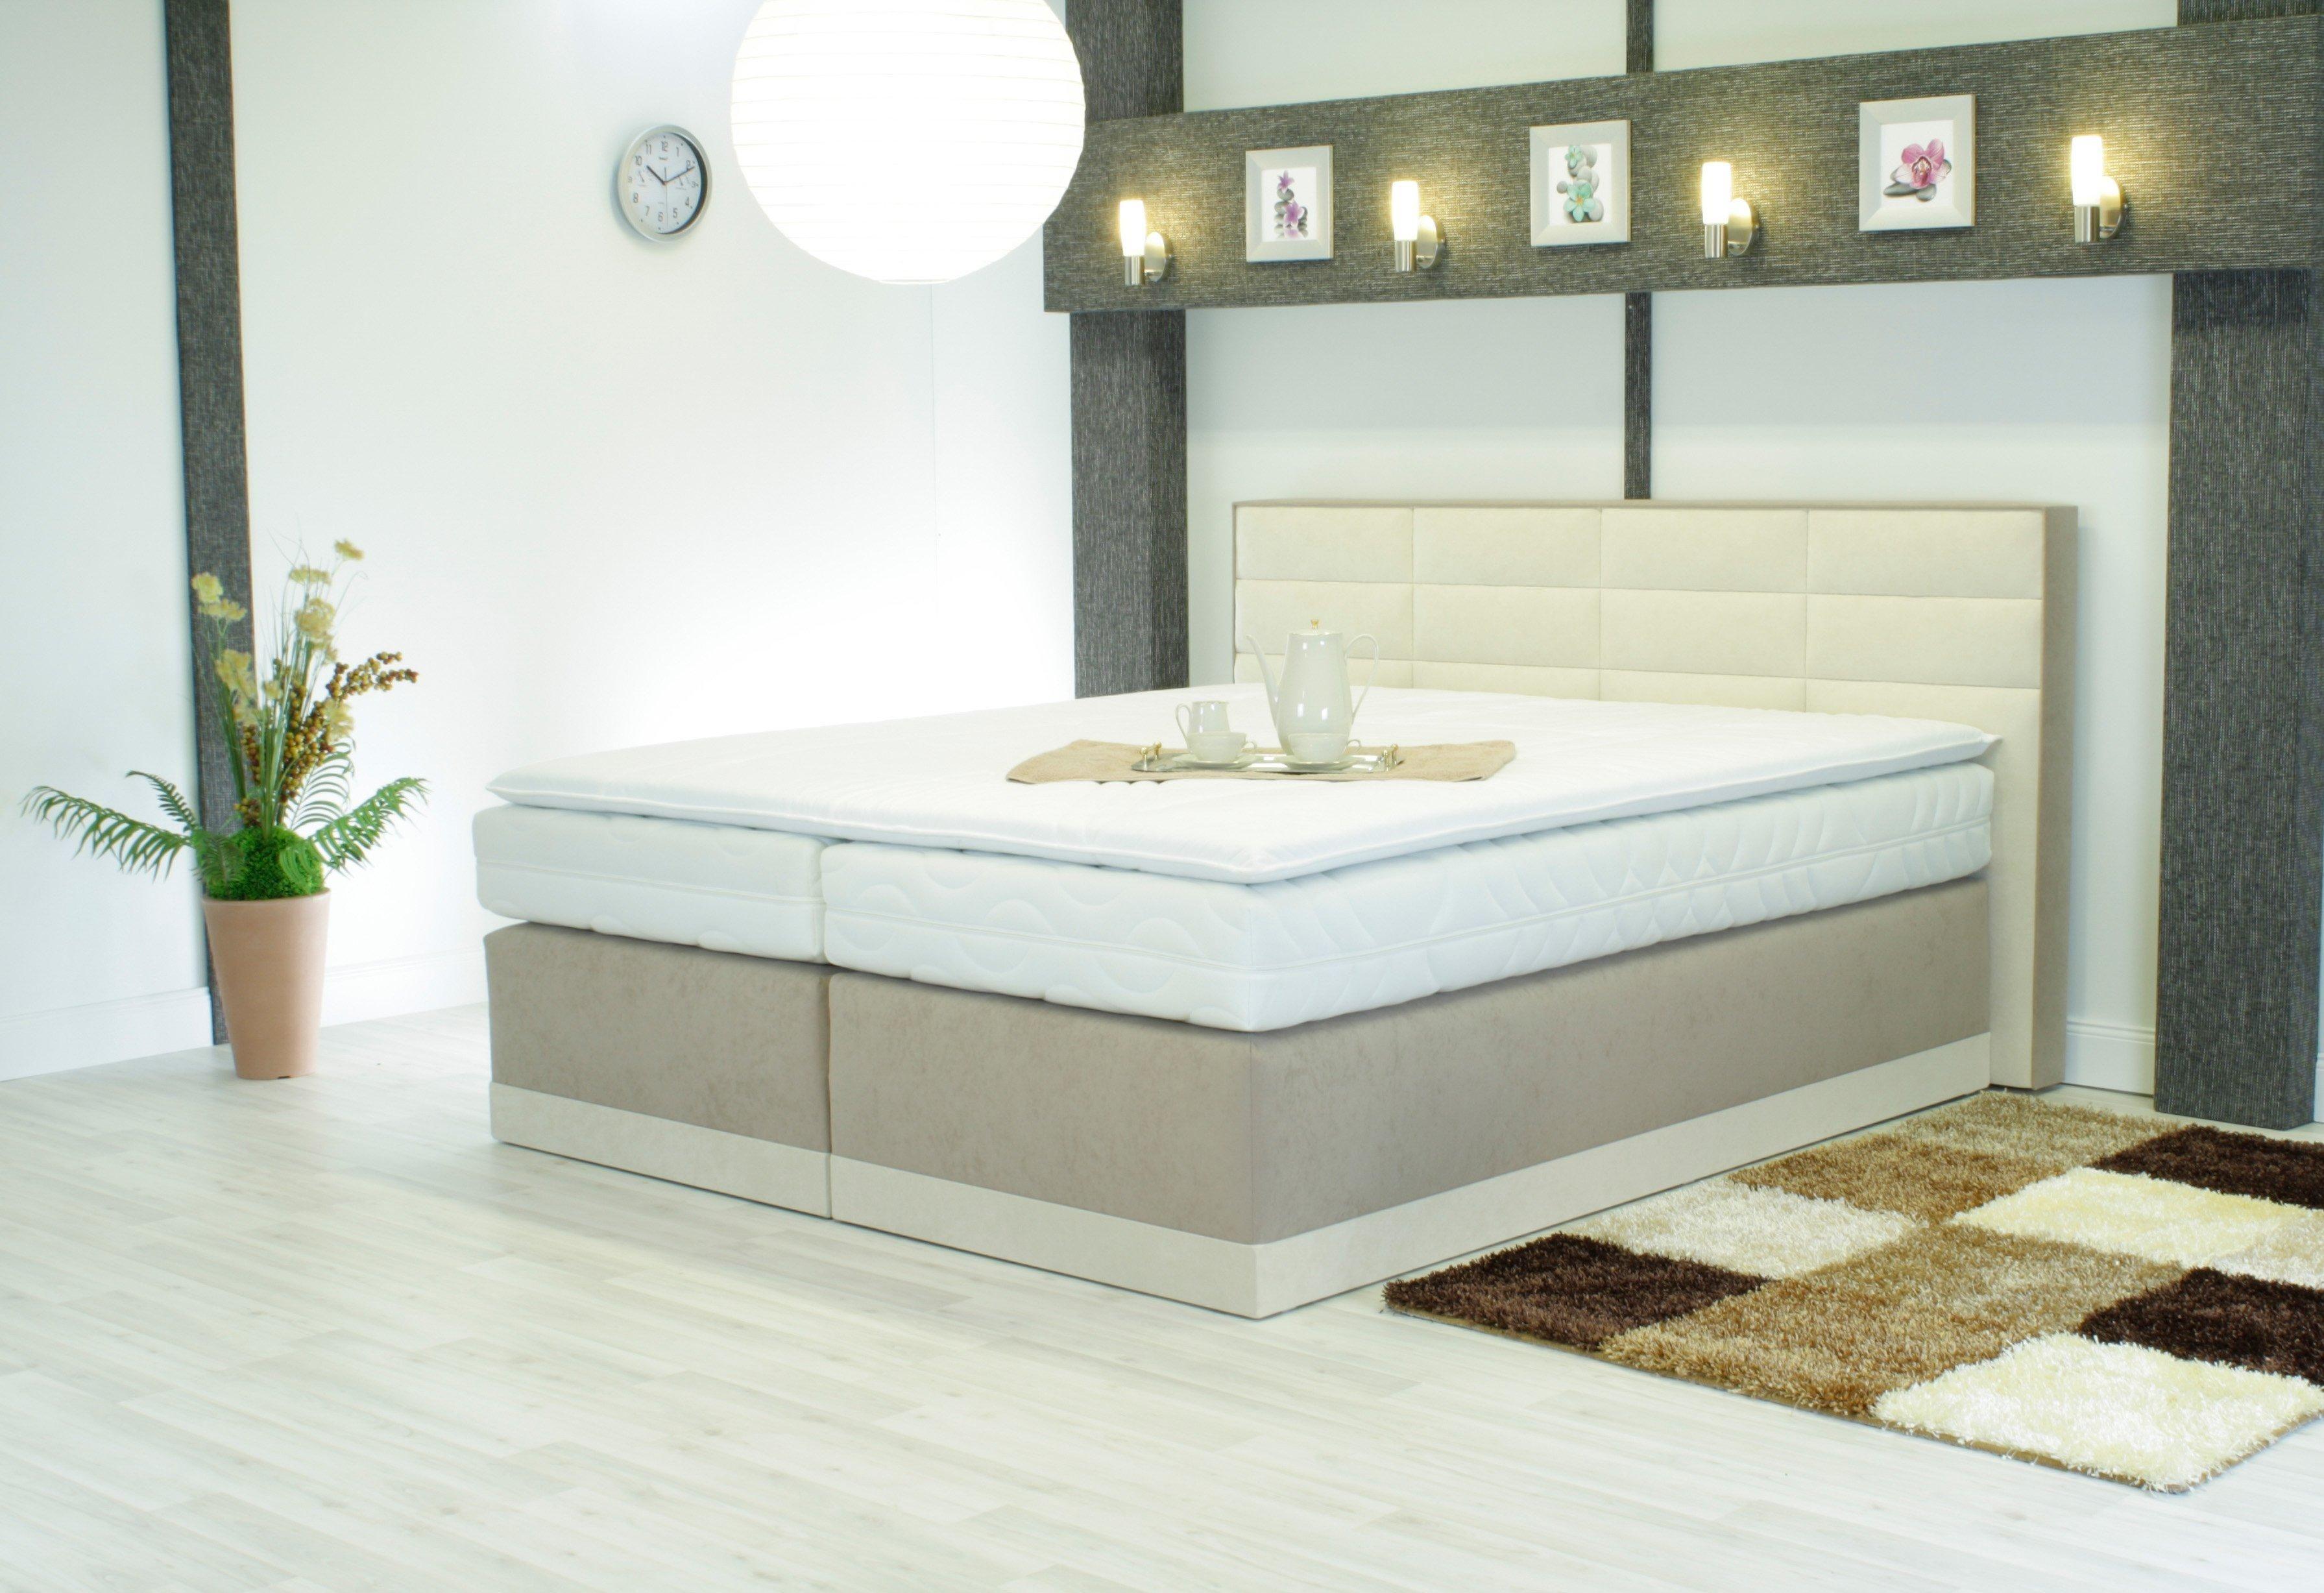 Westfalia Schlafkomfort Topper Raumgewicht 35 Futon Ideen Bett Und Matratze Couch